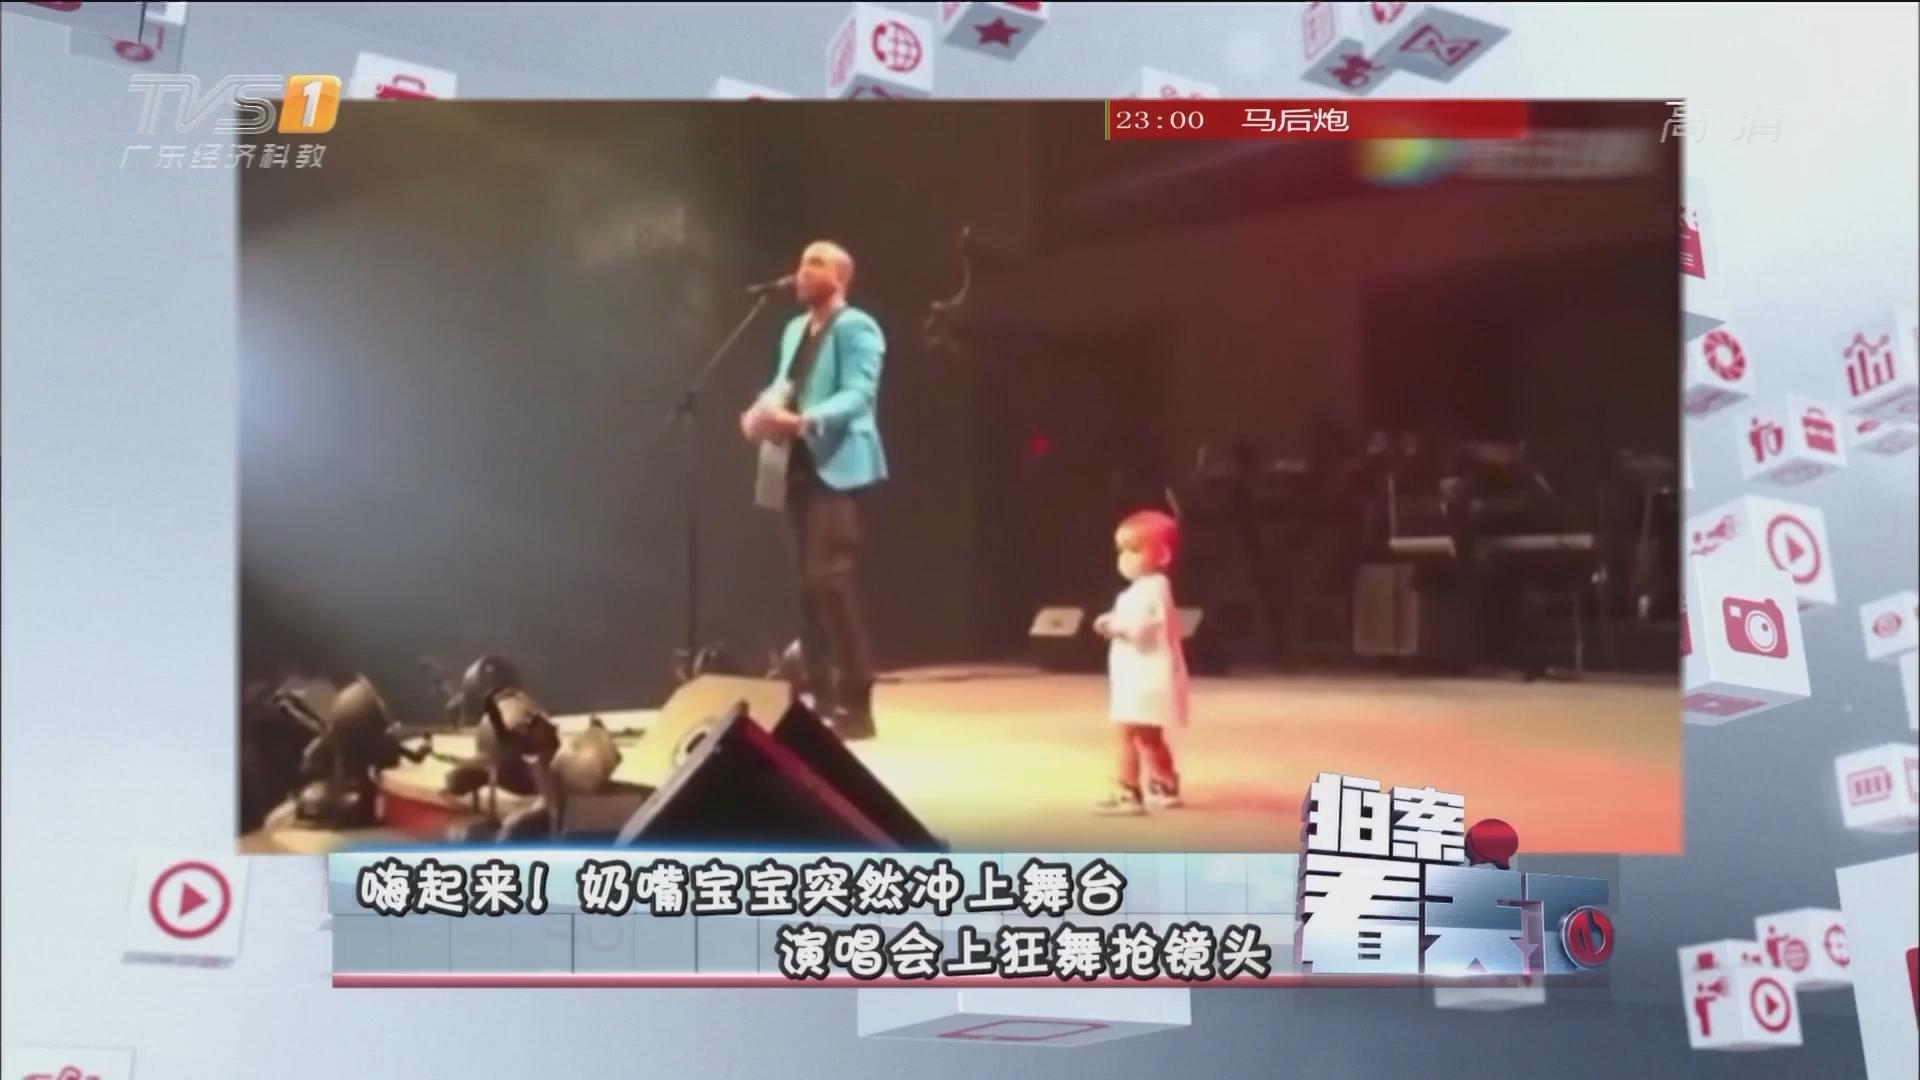 嗨起来!奶嘴宝宝然冲上舞台 演唱会上狂舞抢镜头